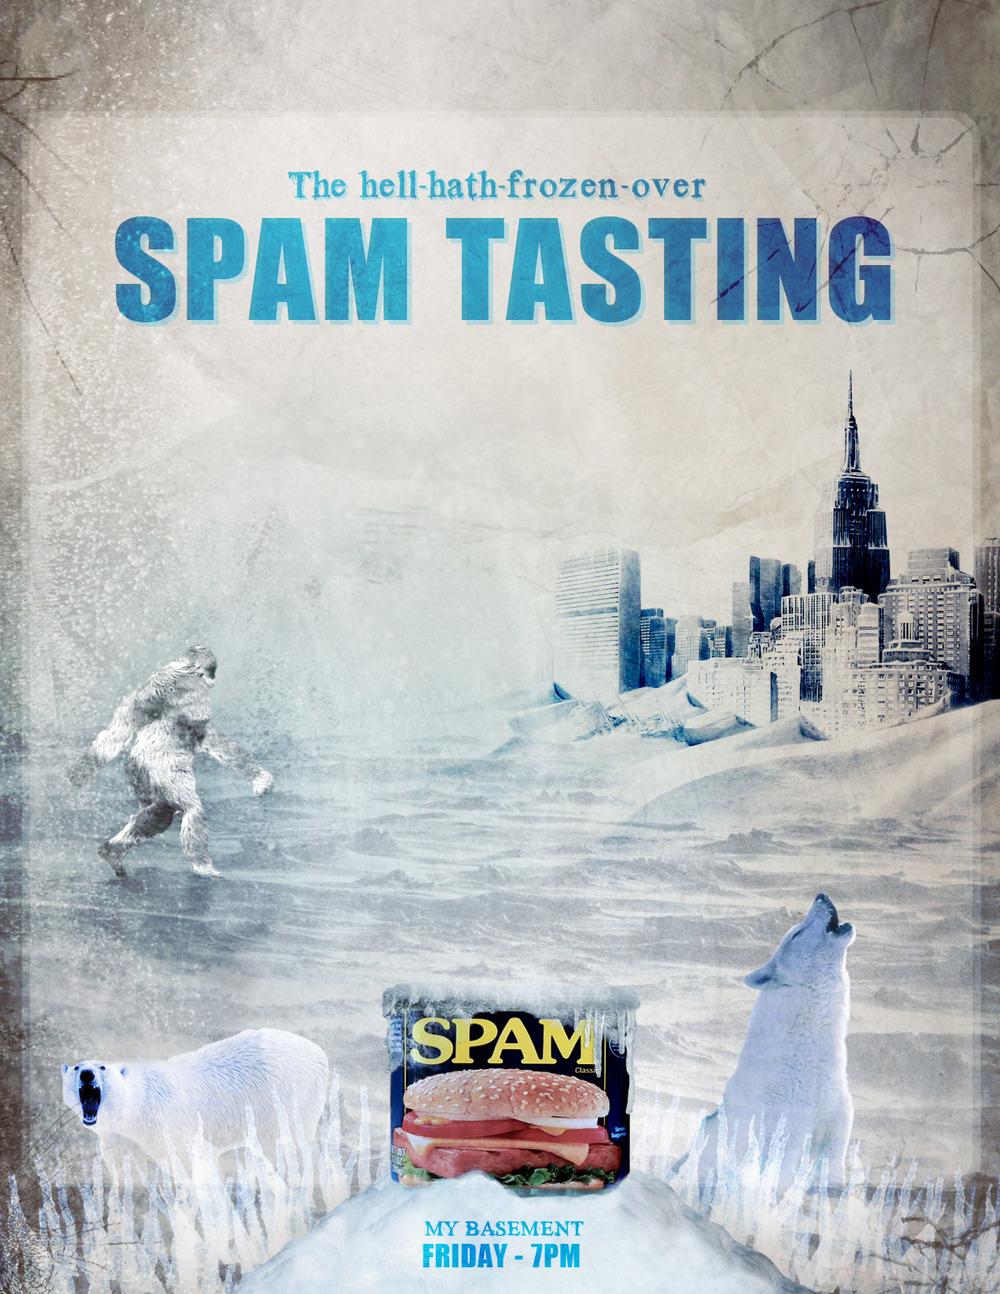 SPAM tasting 3.jpg